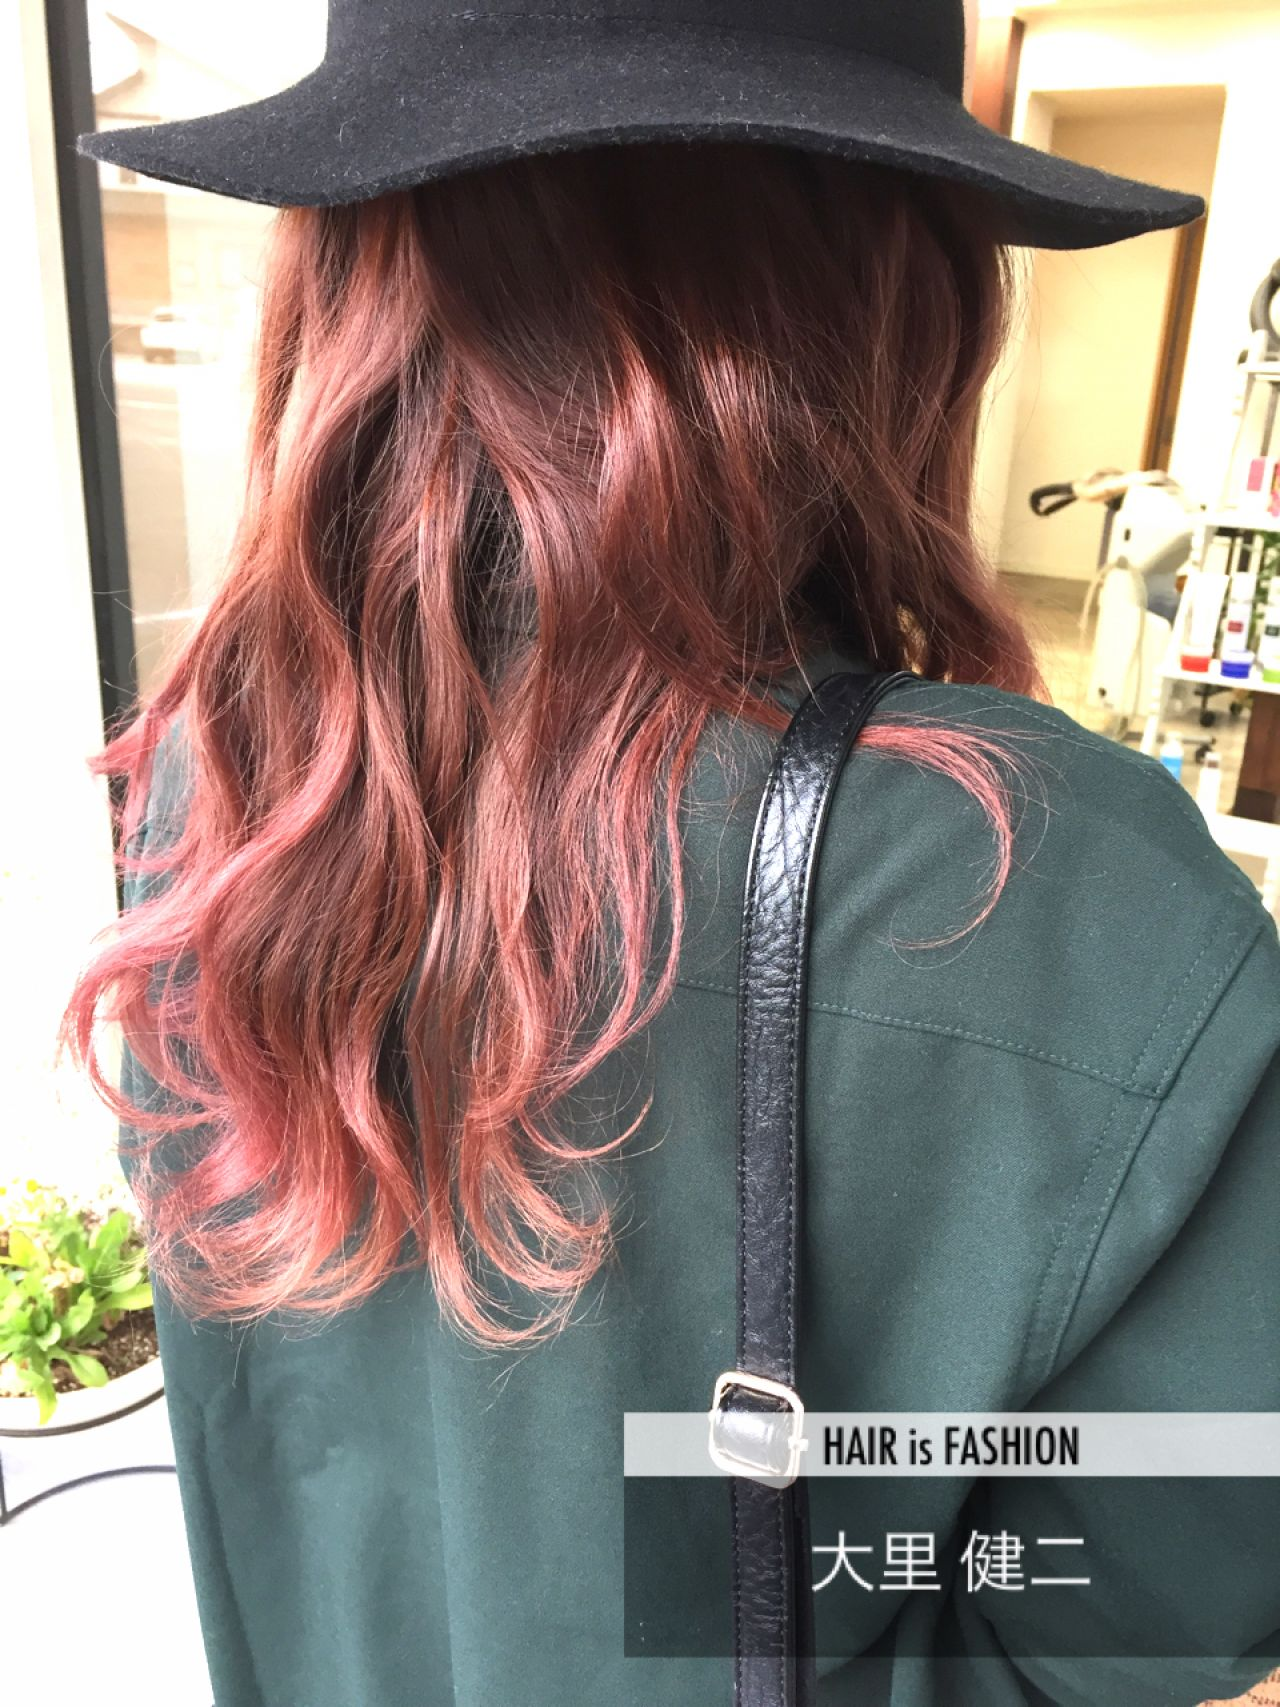 レッド グラデーションカラー ゆるふわ ロング ヘアスタイルや髪型の写真・画像 | 大里 健二 / Hair Atelier Angee